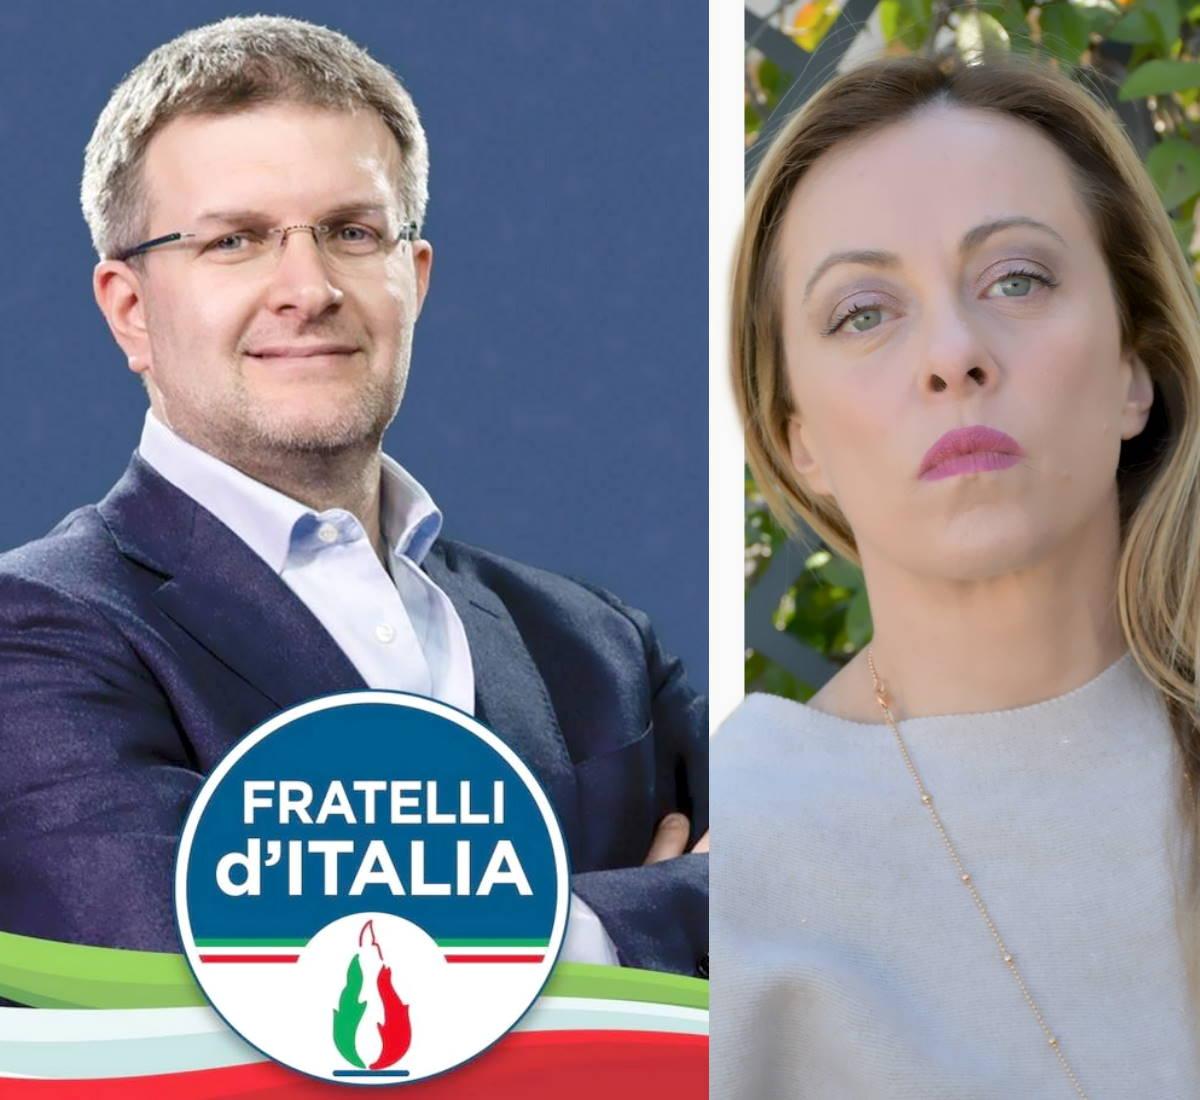 Fratelli d'Italia e la lobby in nero di Milano su cui la Meloni deve chiarire